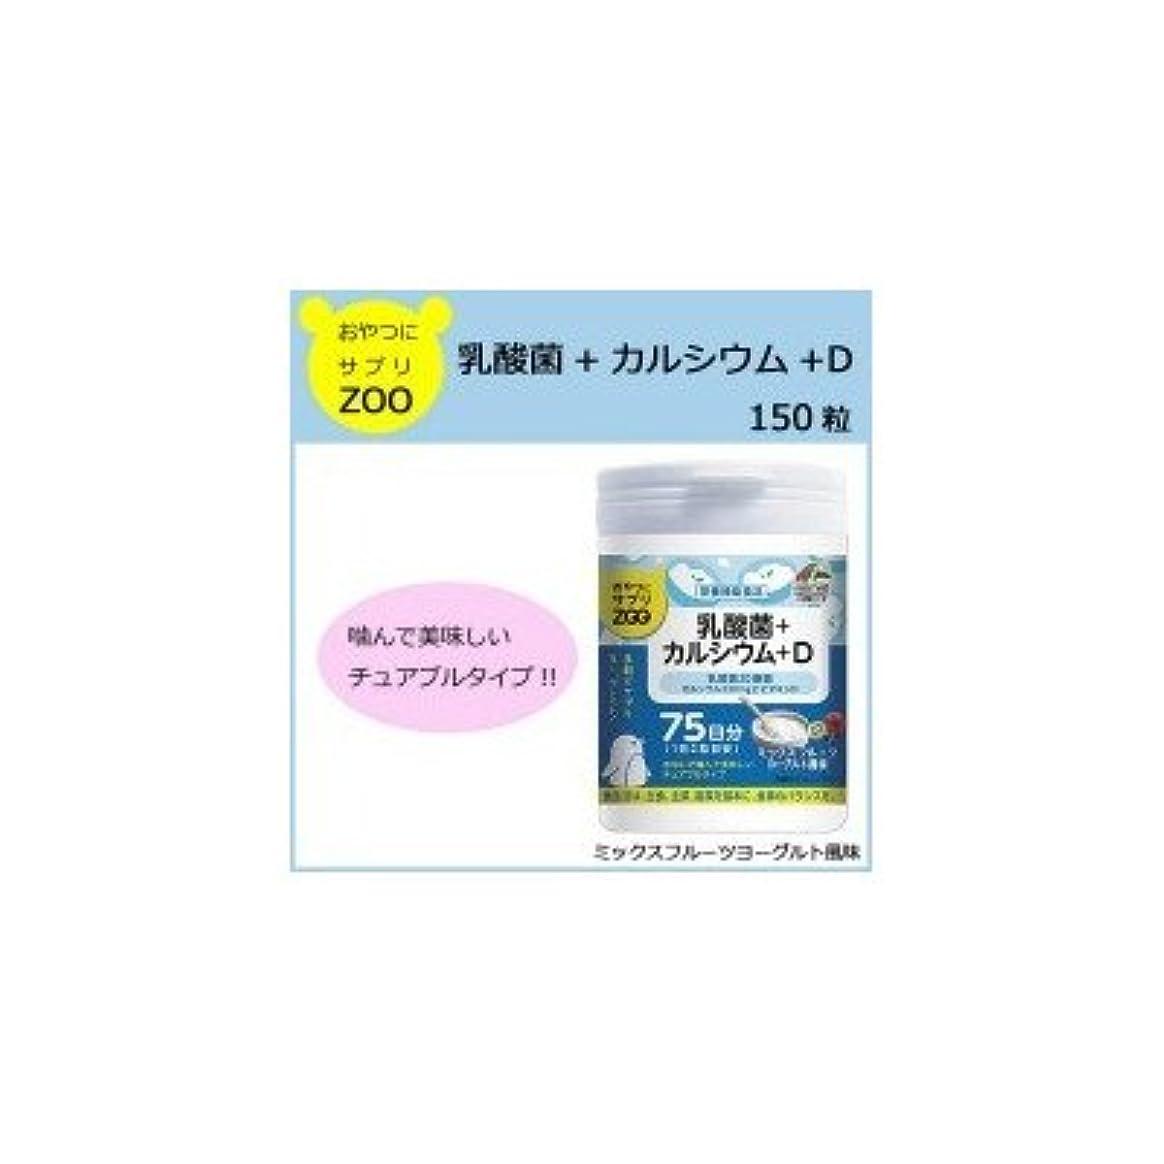 スリットボランティア急流ユニマットリケン おやつにサプリZOO 乳酸菌+カルシウム+D 150粒